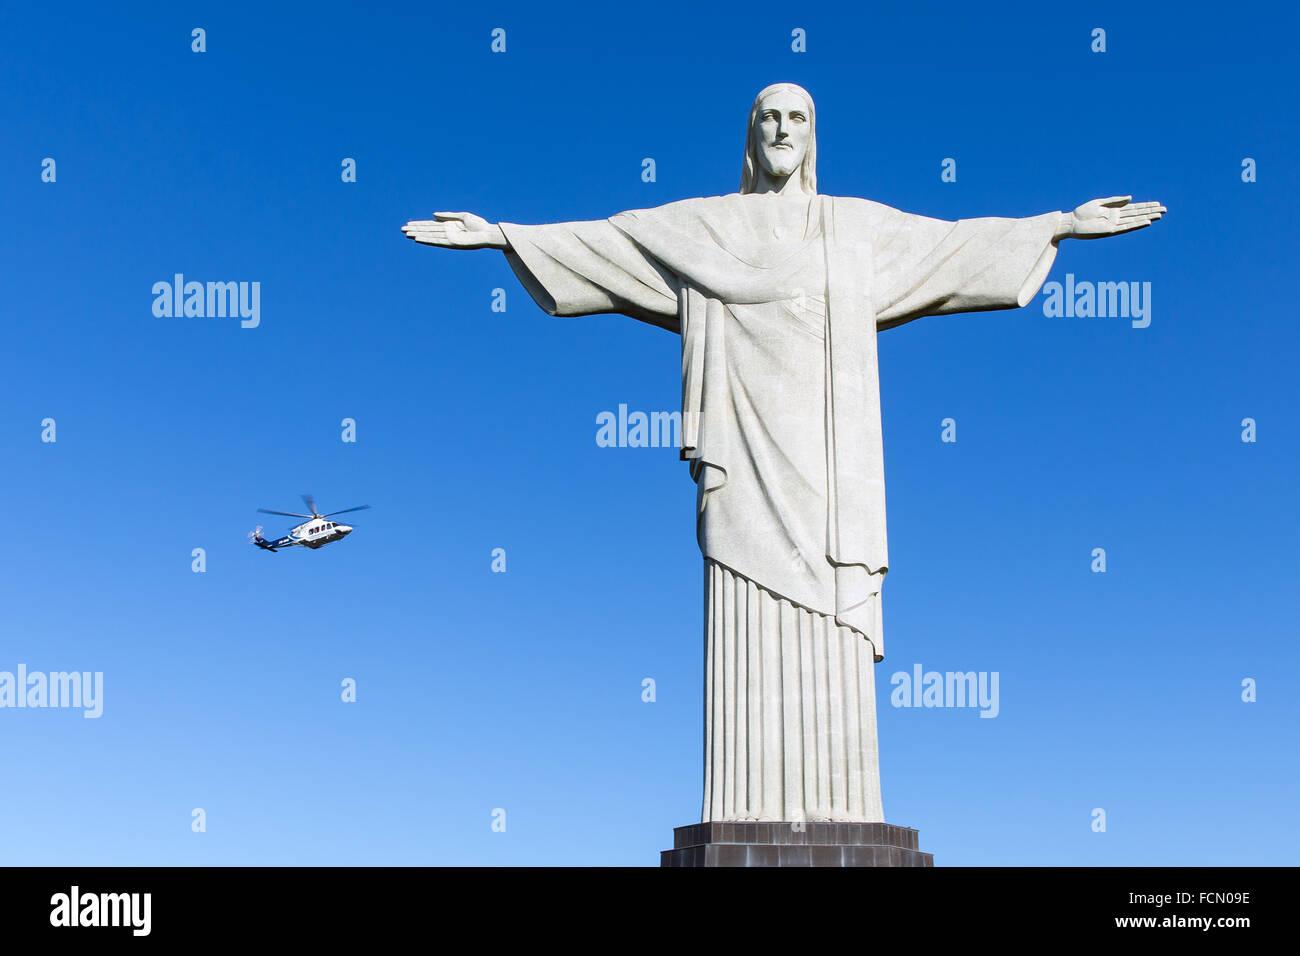 Christ the Redeemer, Rio de Janeiro, South America - Stock Image